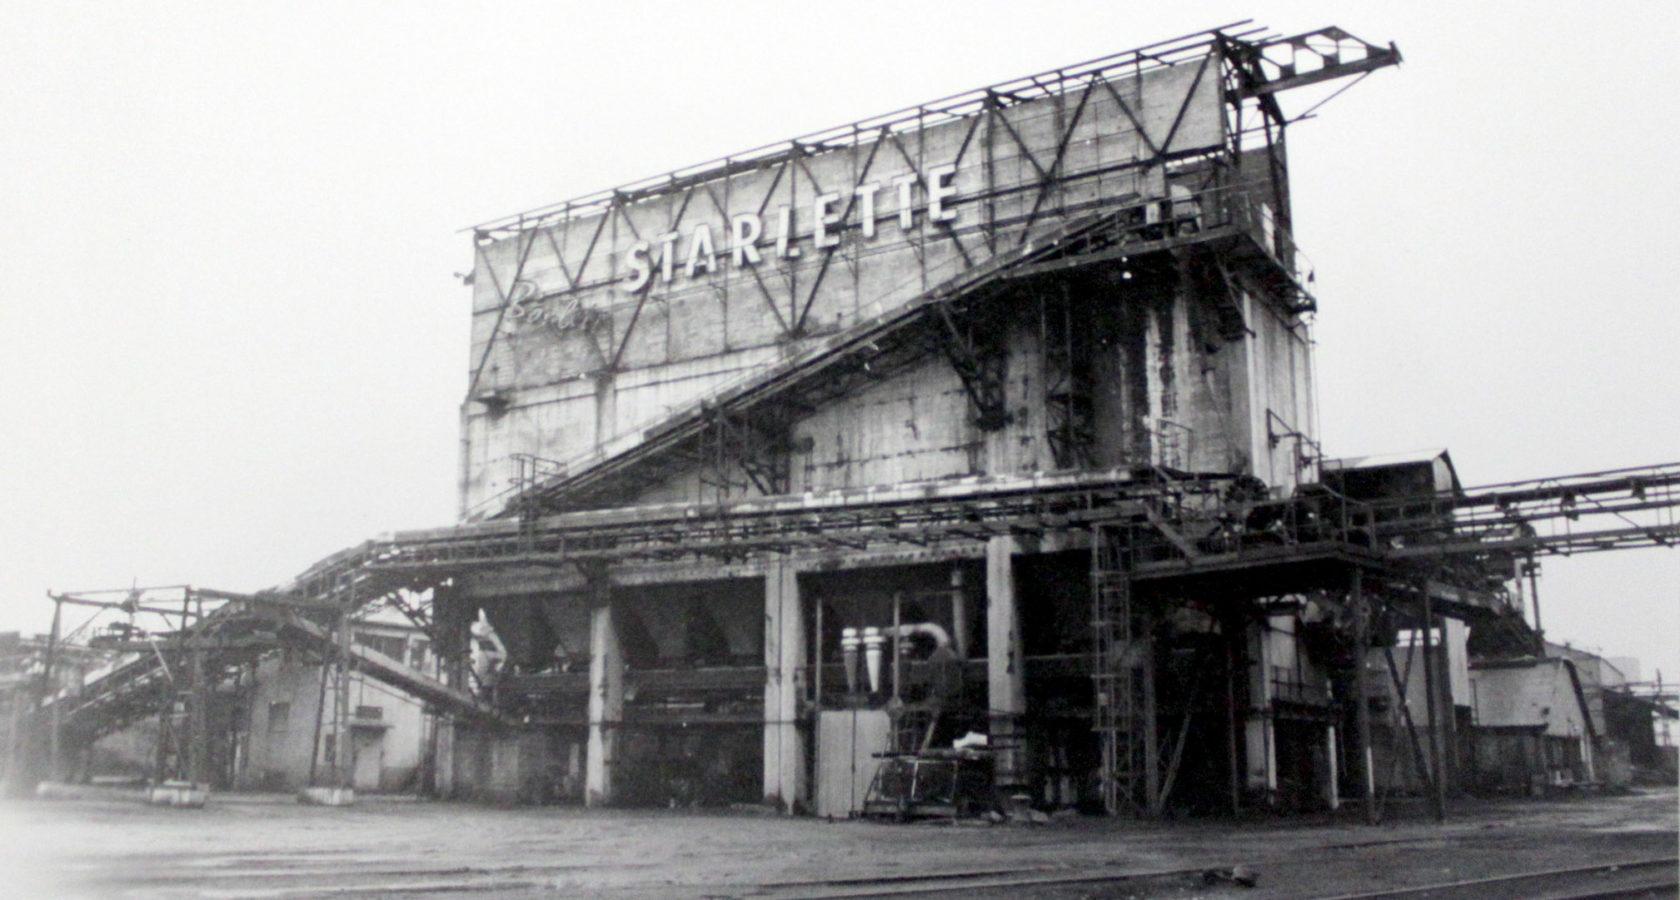 Photo de l'usine de boulets de charbon Starlette au cours du XXème siècle. Crédits photo : Inventaire de la région / Patrimoine d'Alsace